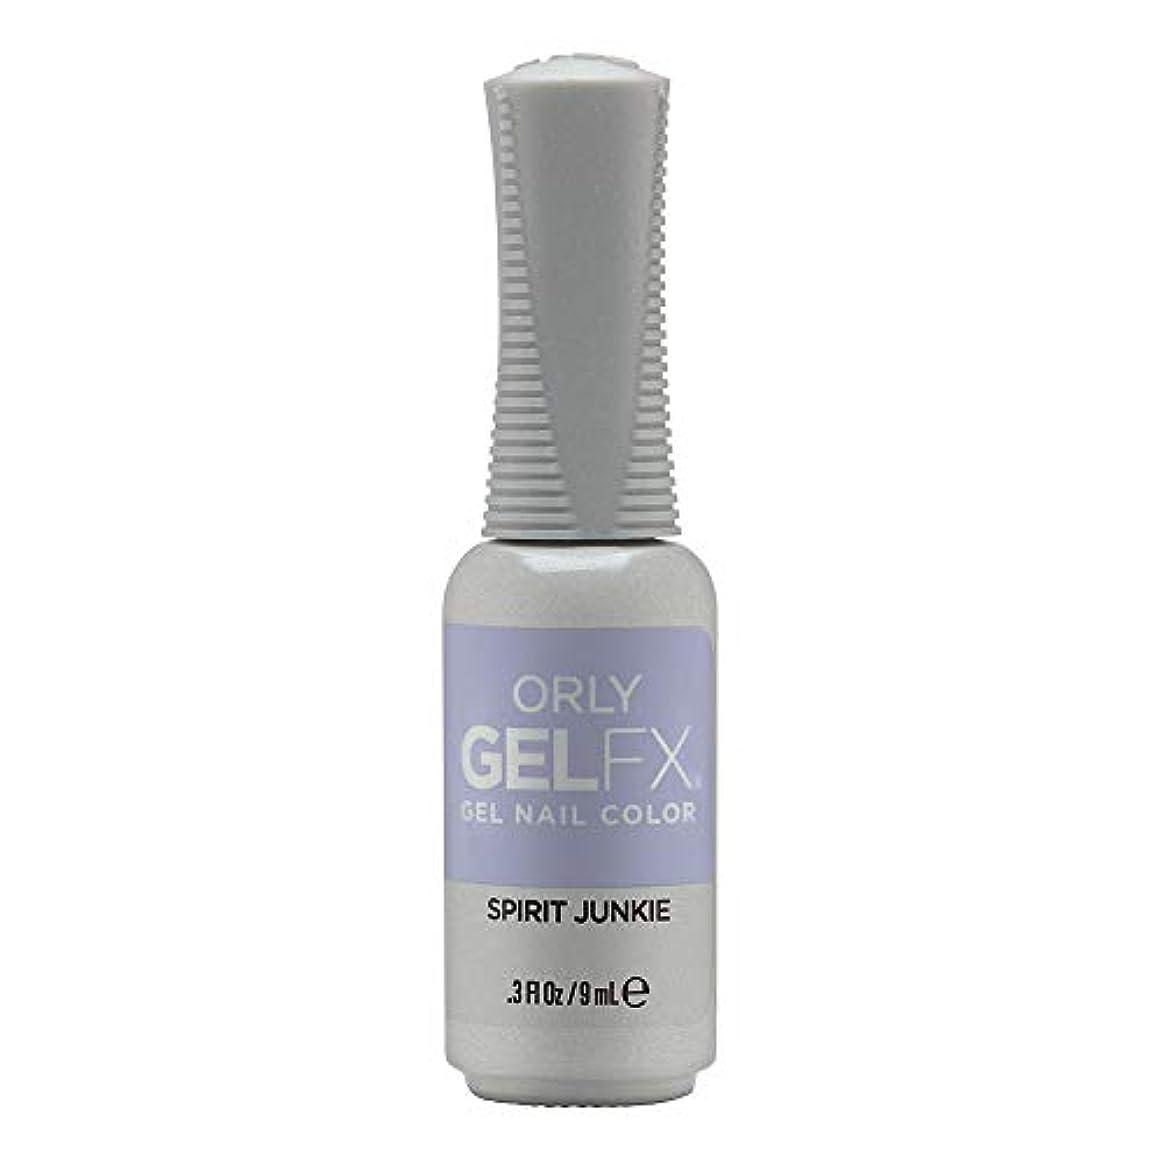 同盟裁量小麦粉ORLY Gel FX - Radical Optimism 2019 Collection - Spirit Junkie - 0.3 oz / 9 mL